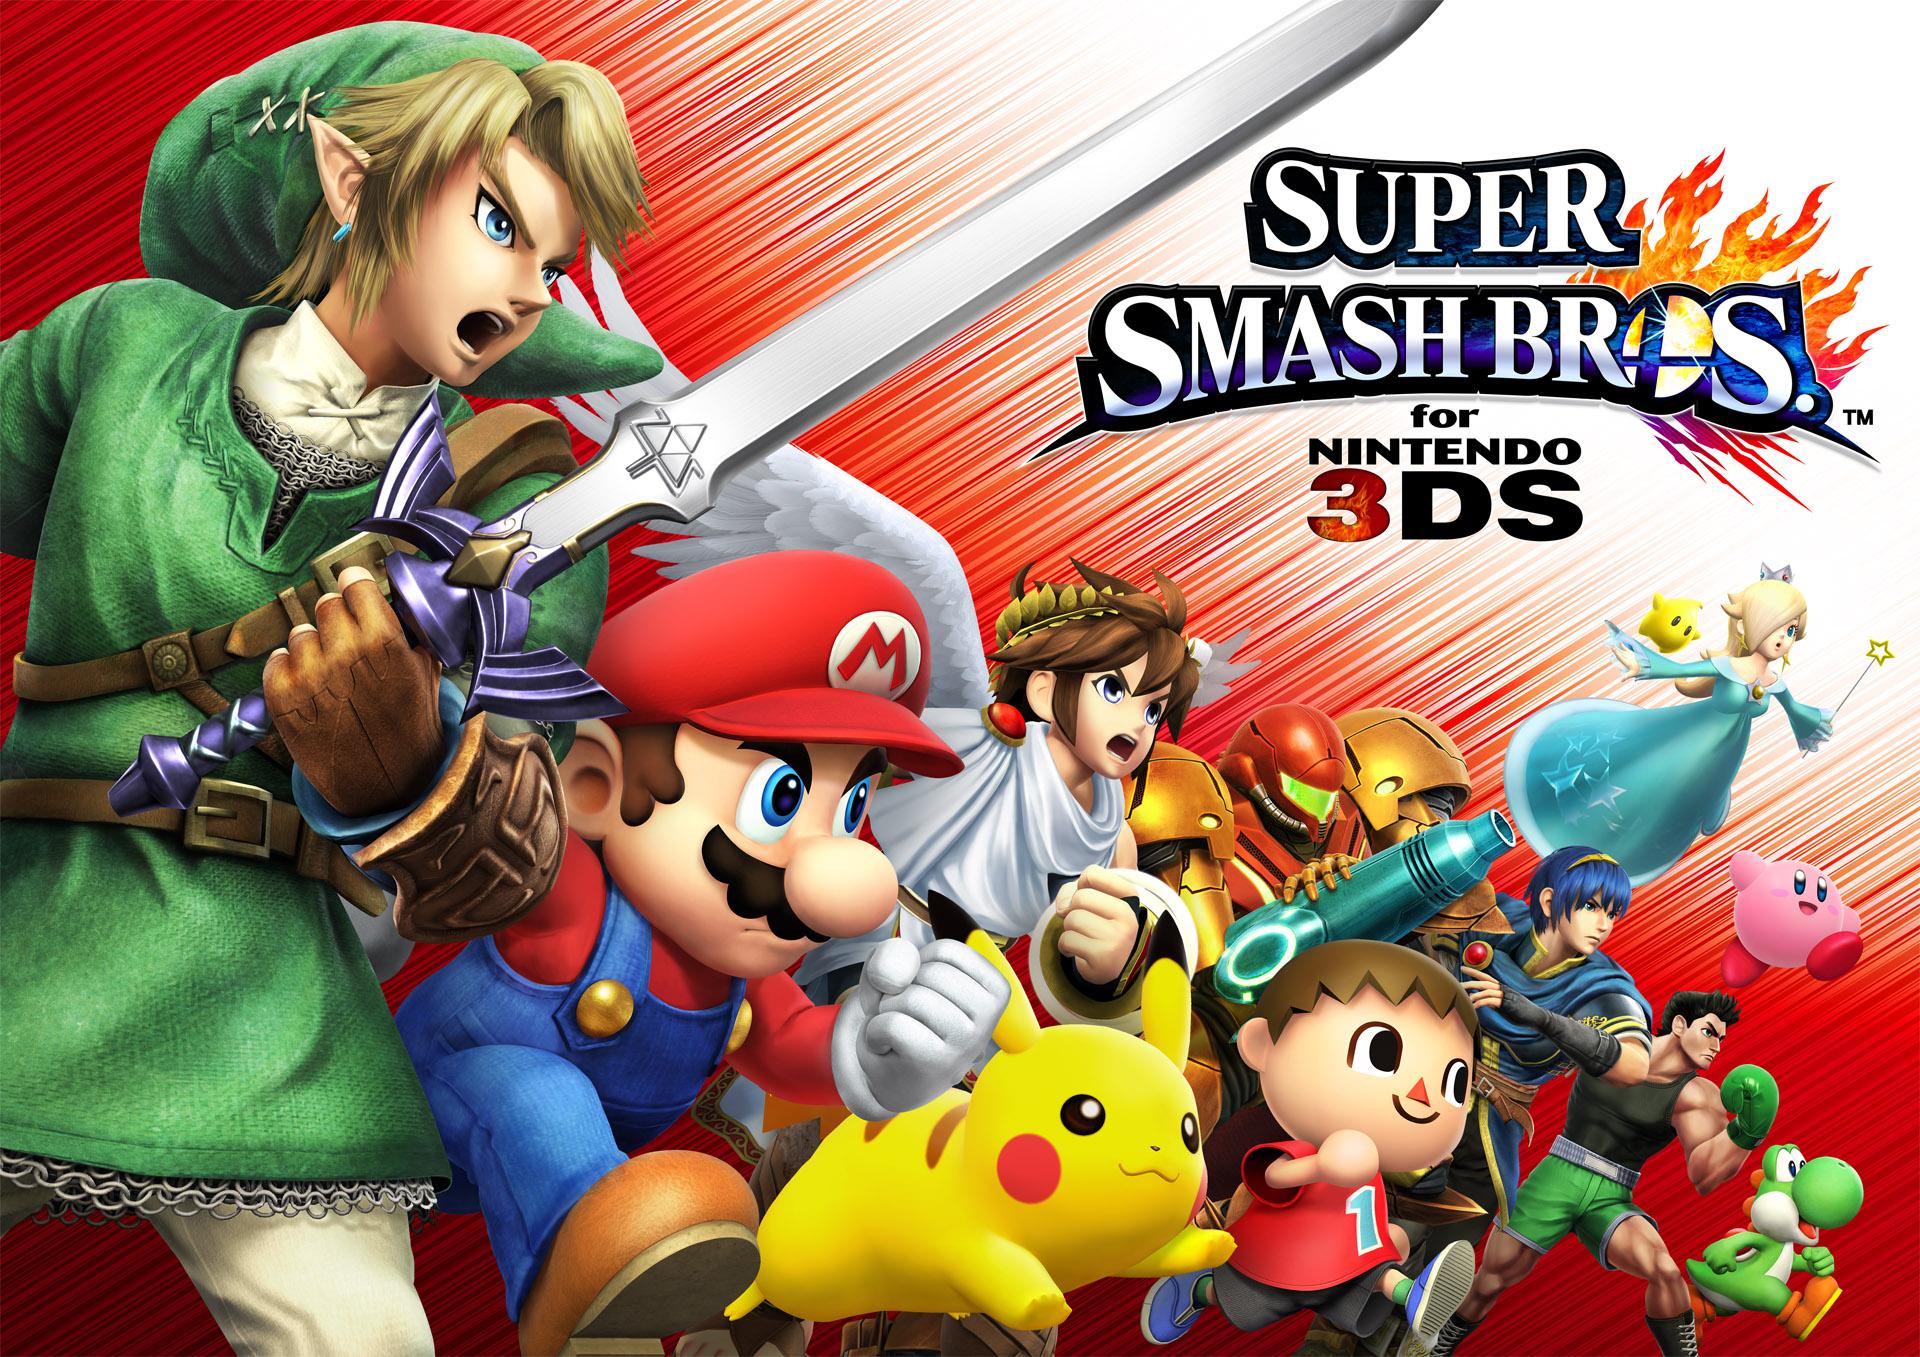 Demo del Smash Bros para 3DS N3DS_SuperSmashBros_illustration02